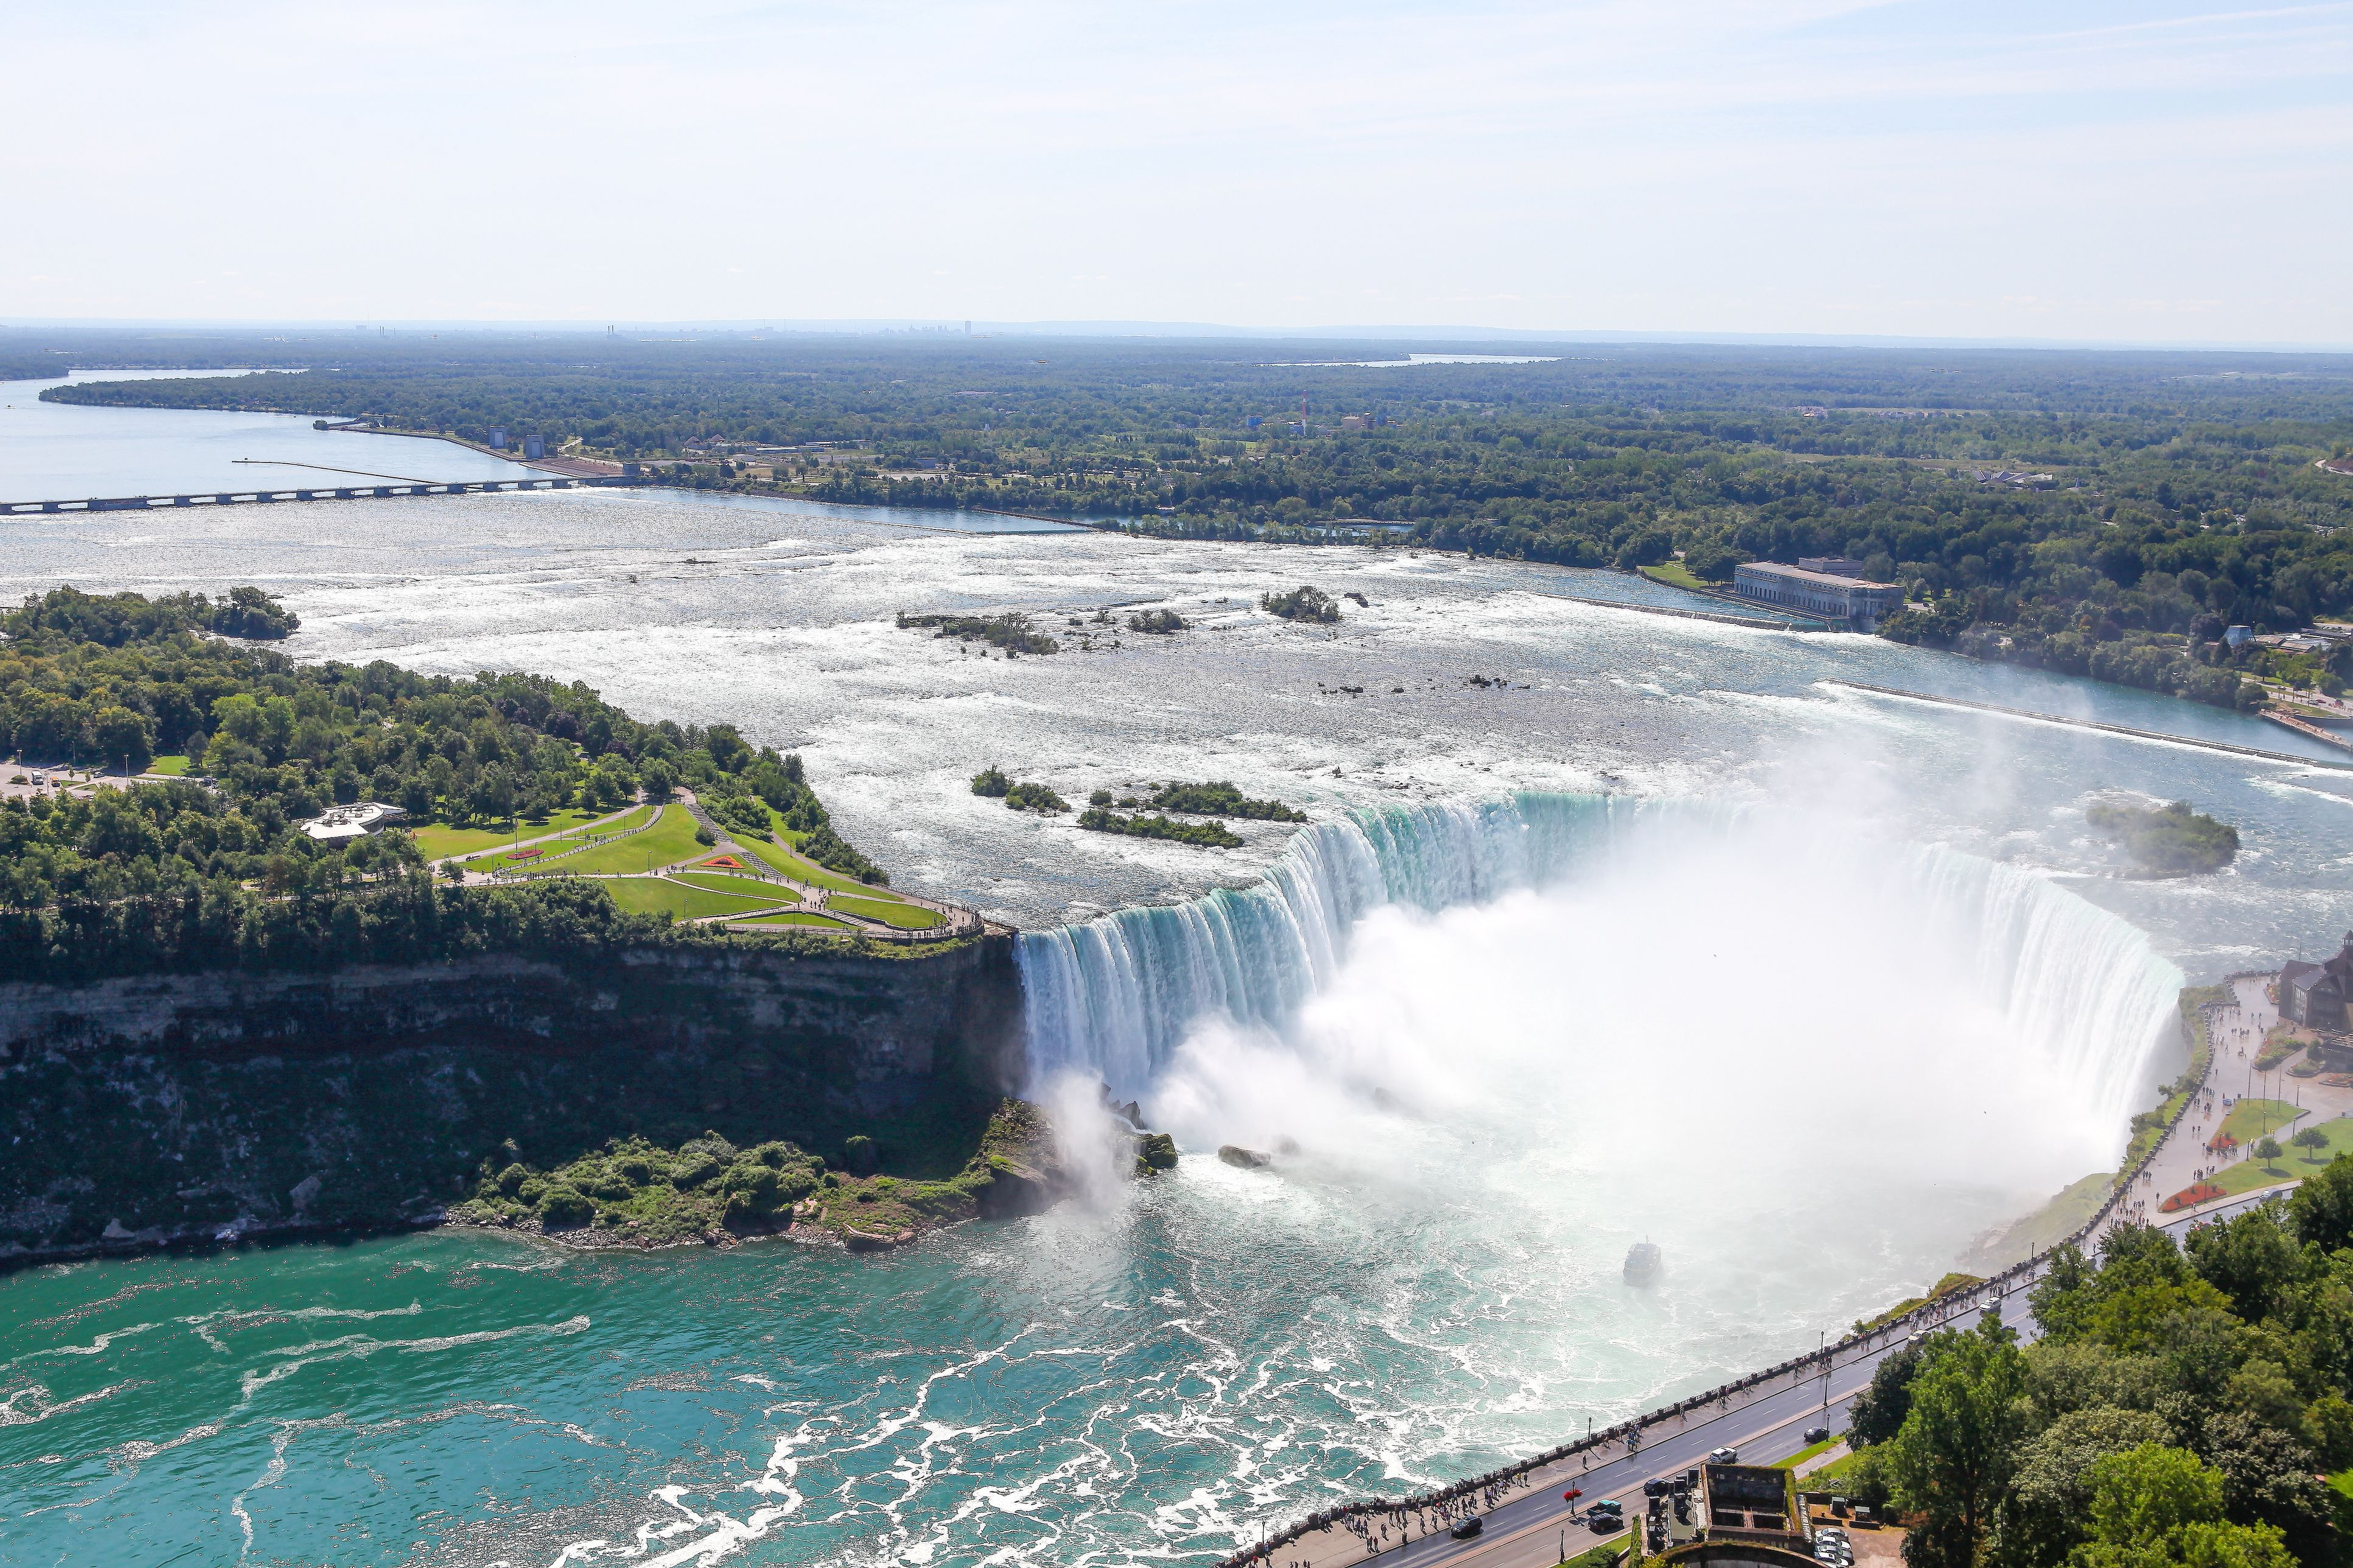 Casais swing niagara falls